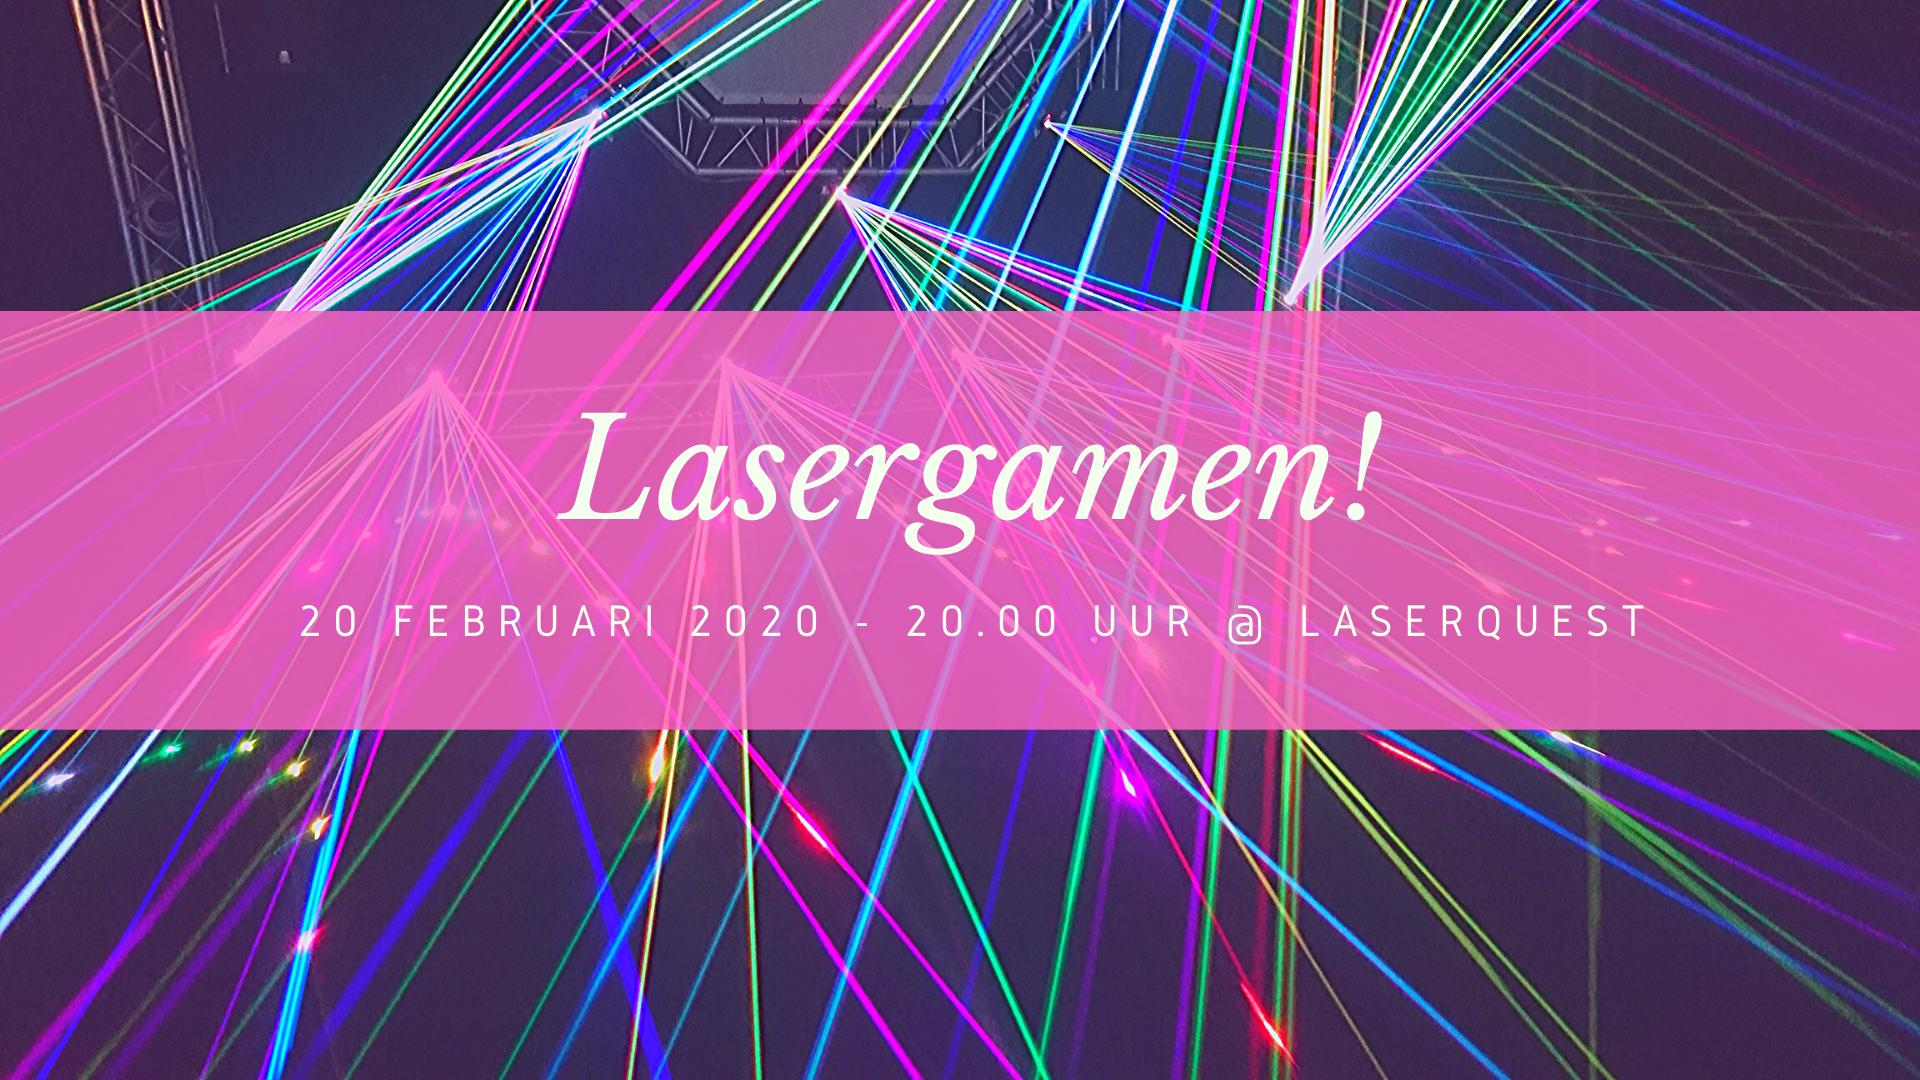 Lasergamen!